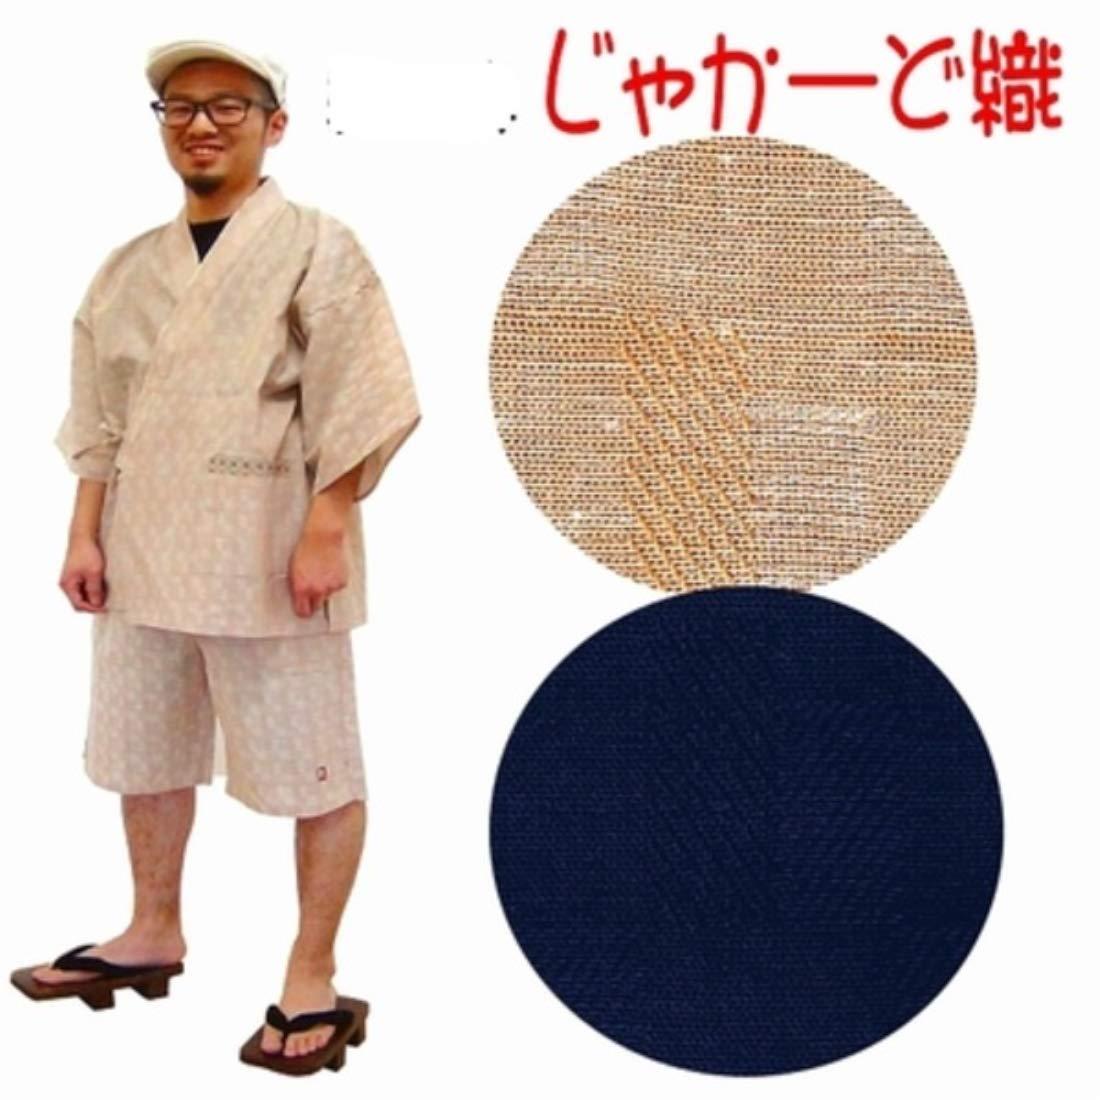 日用品 浴衣 関連商品 織甚平 (ジャカード織) 紺 M B076TWVRCZ